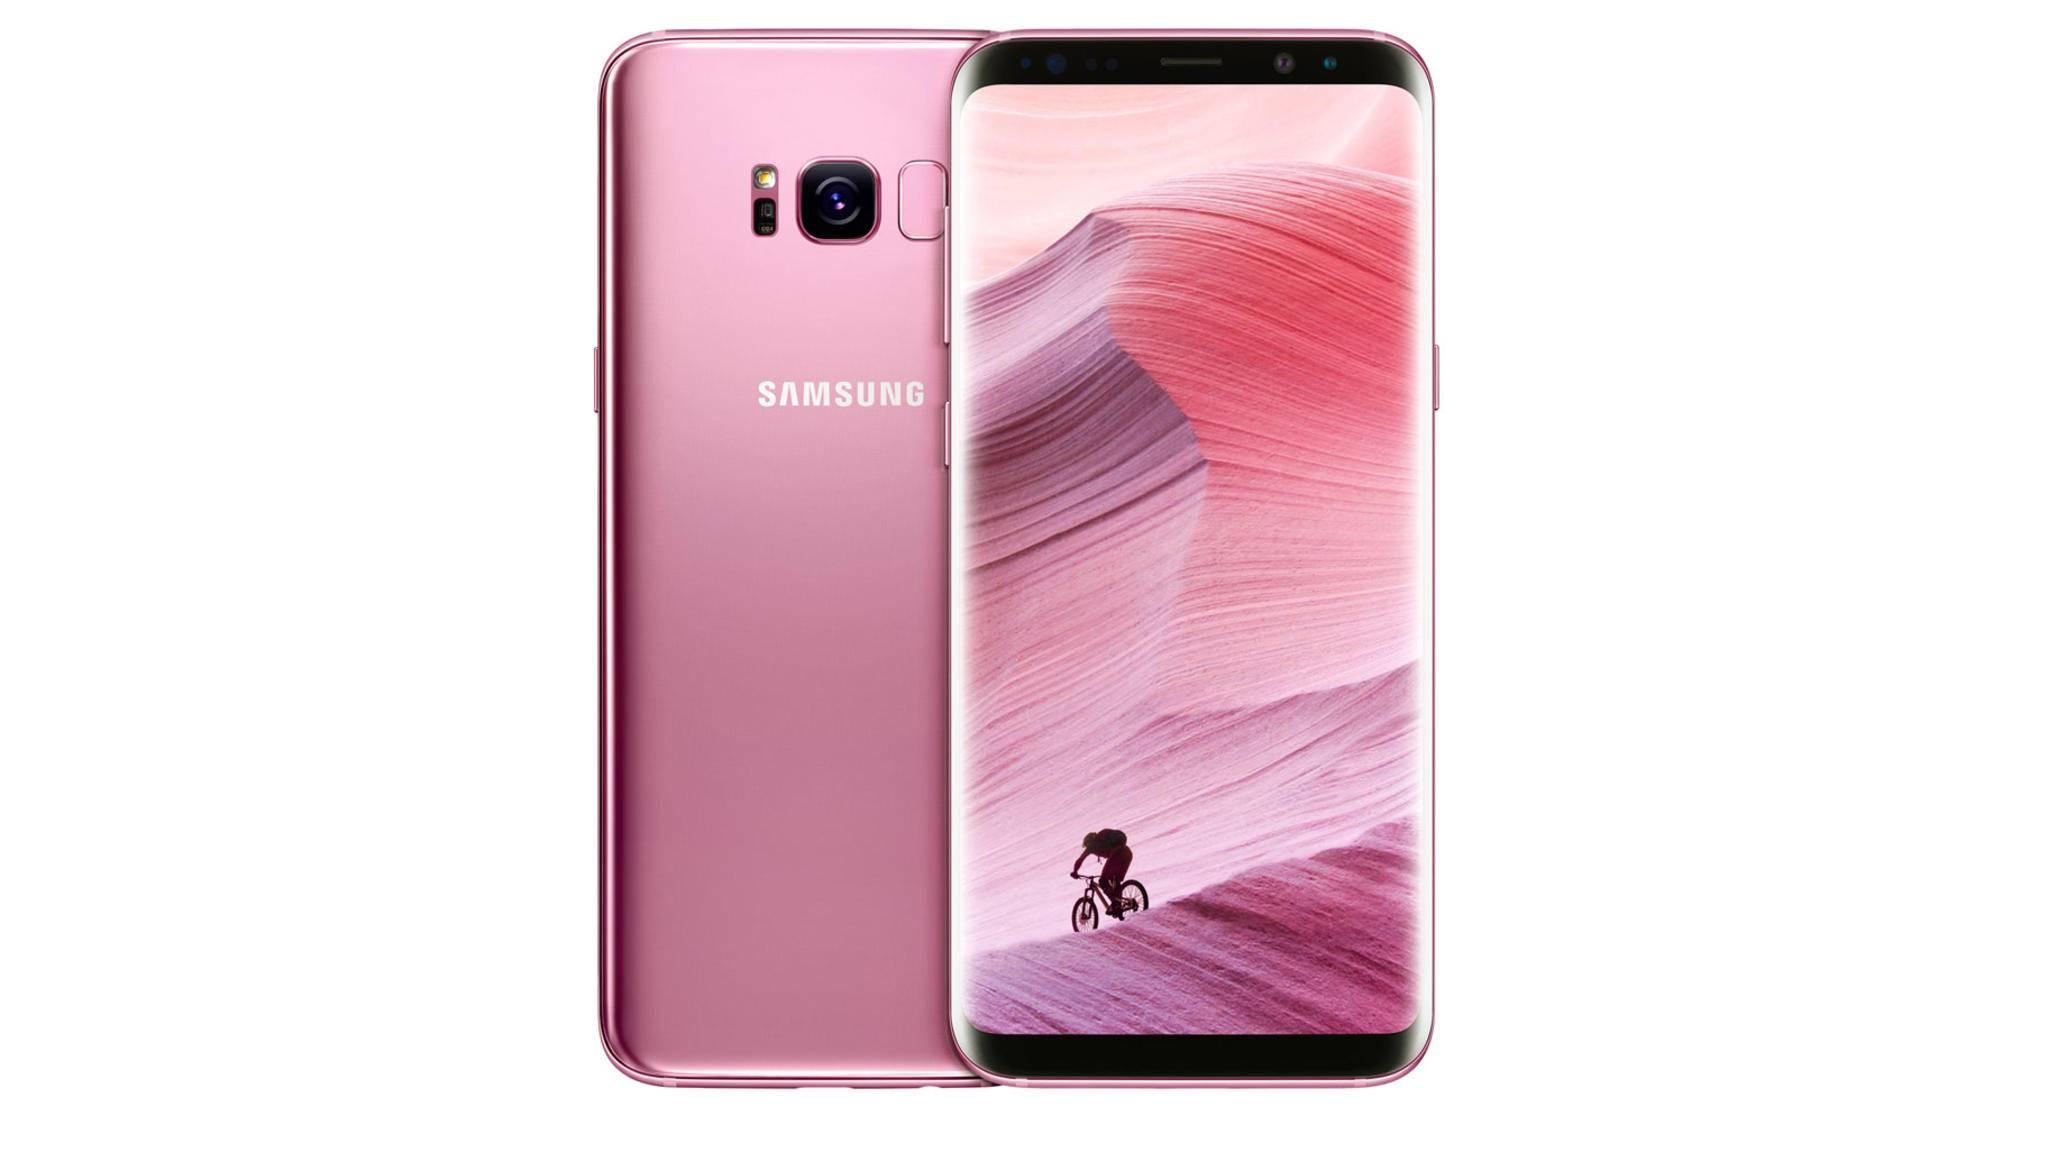 Das Galaxy S8 in schickem Pink kommt jetzt auch nach Europa.